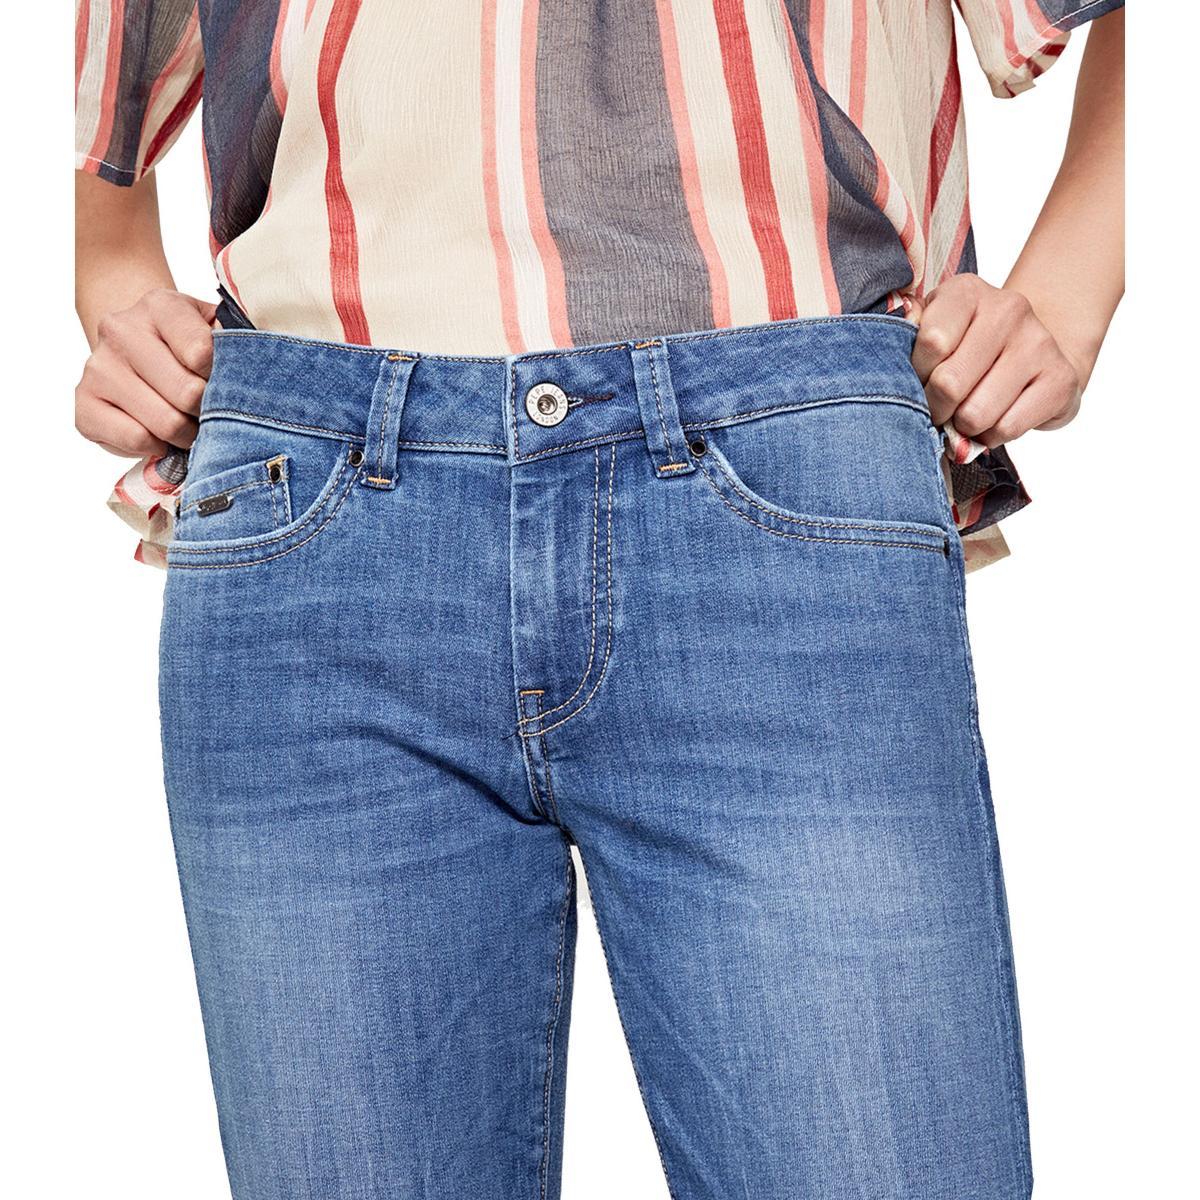 """Pantaloni Pepe Jenas 5 tasche in denim """"Pixie"""" Skinny Fit Mid Waist da donna rif. PL200025GH3"""